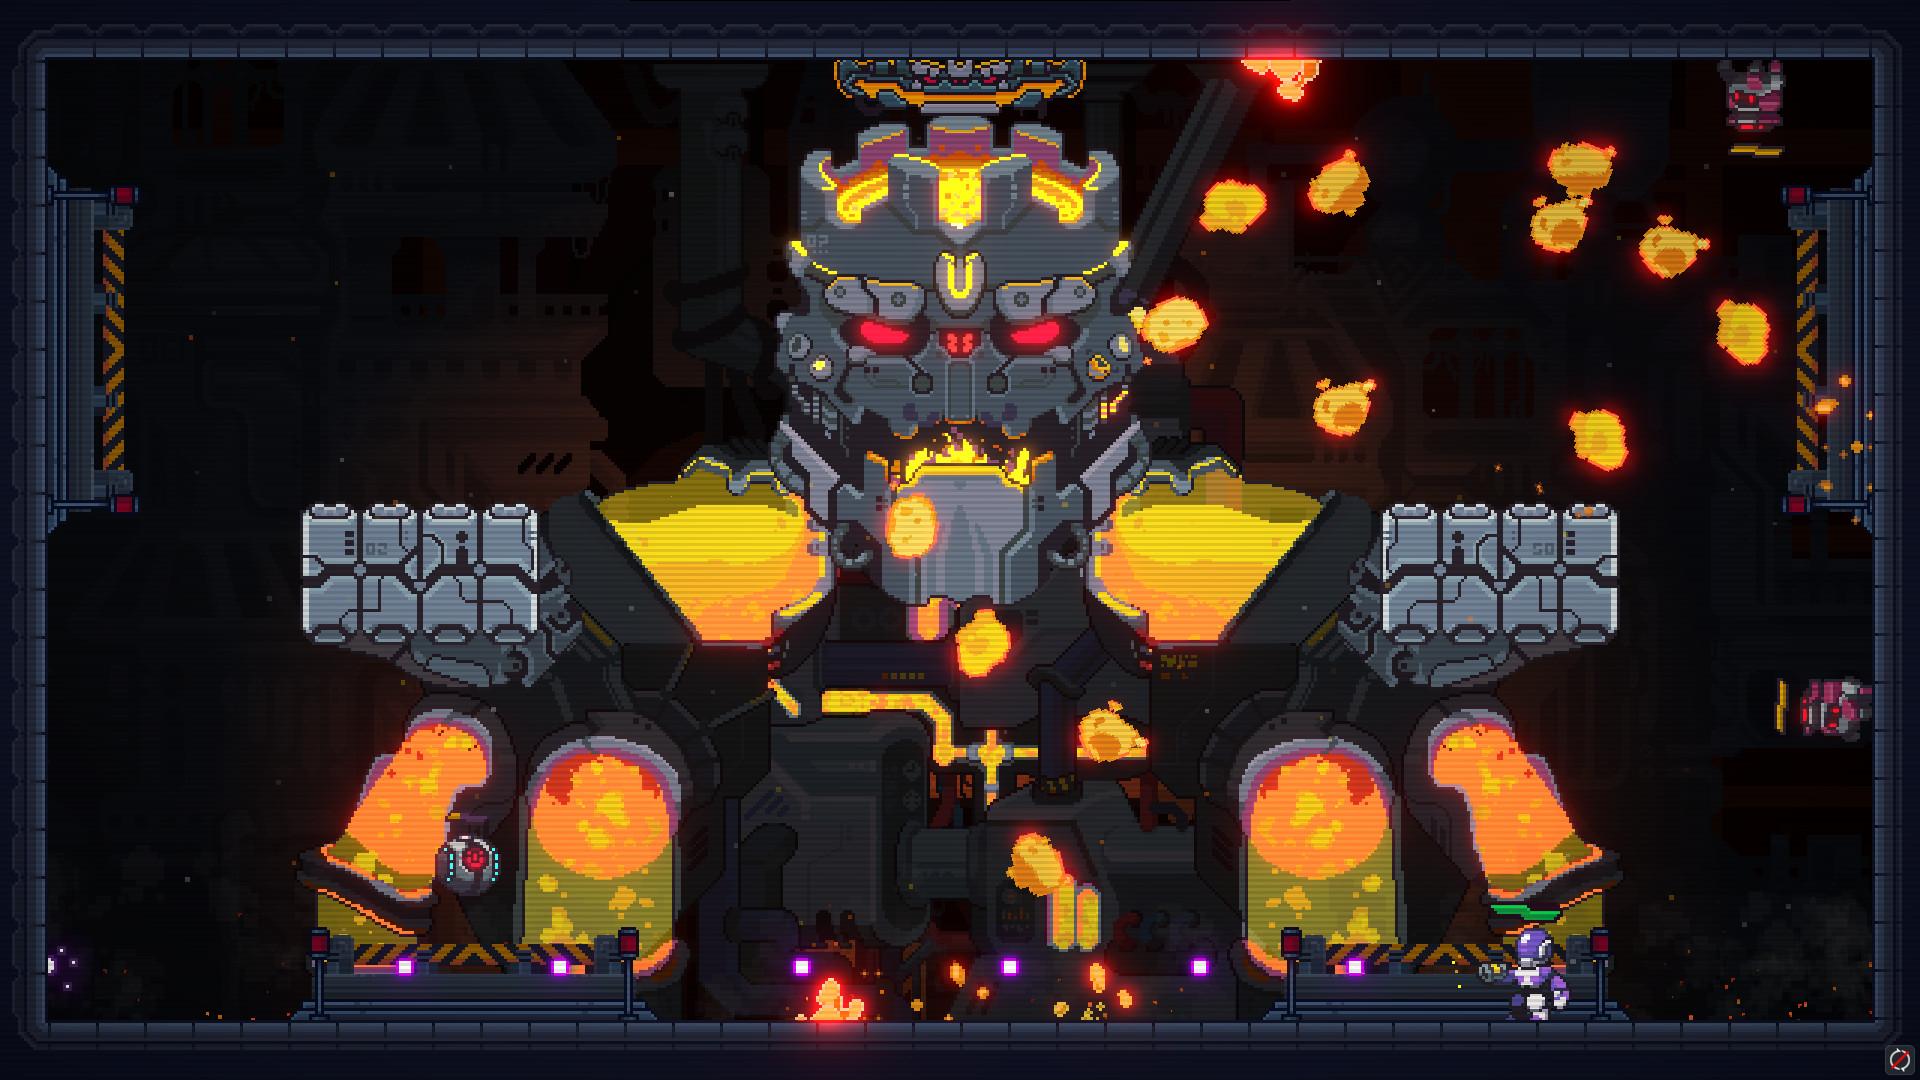 2D像素射击游戏重力英雄发售时间公布 可以操纵重力来进行游戏